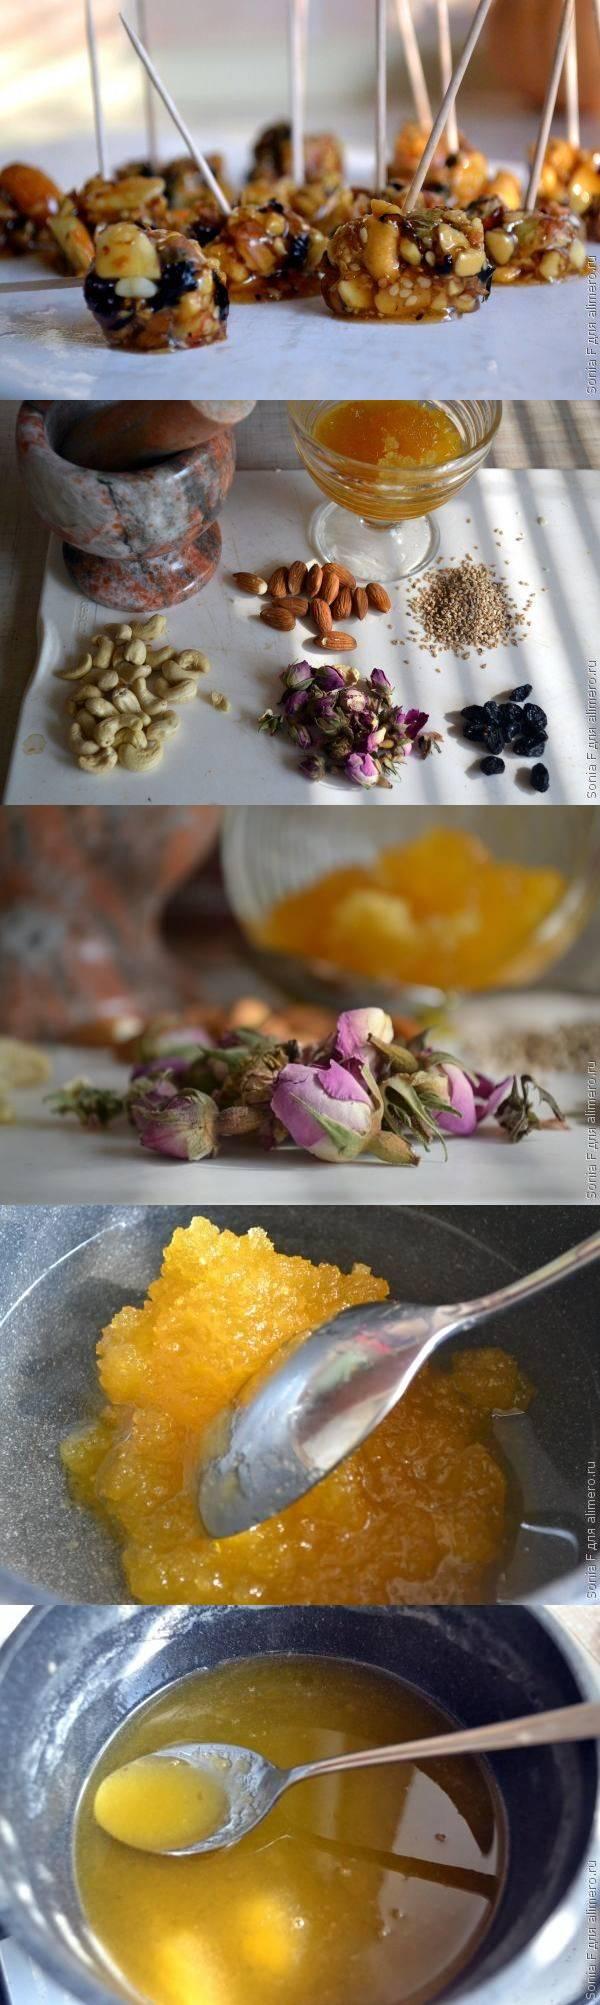 Конфеты домашние из роз и меда